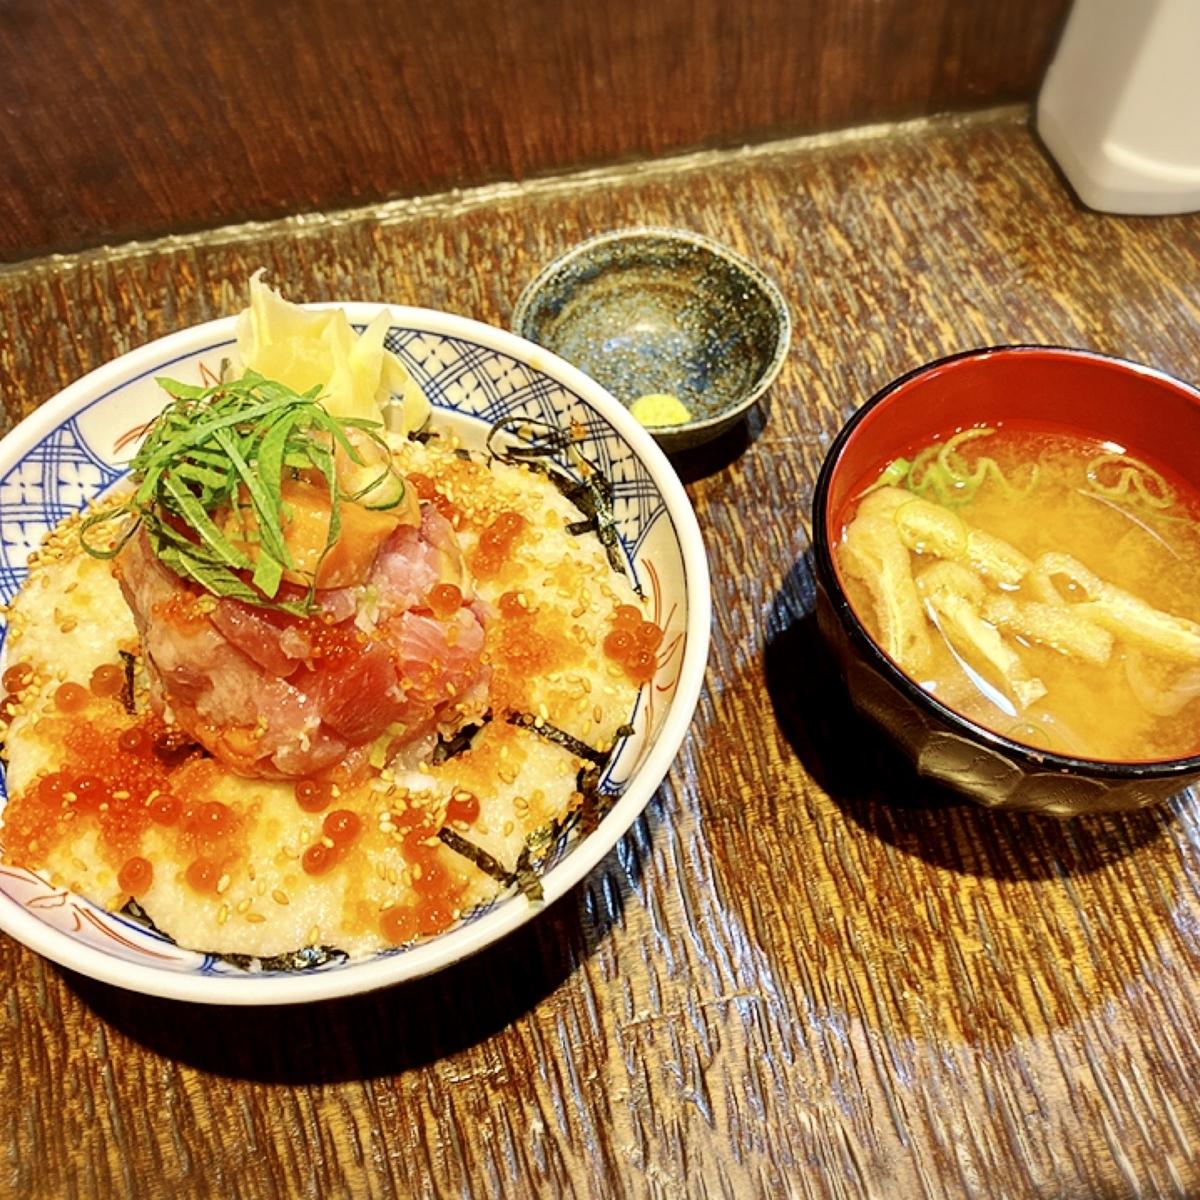 「赤坂 魚ぴー」はランチ時の美味しい海鮮丼がコスパ良くいただけるお店でした